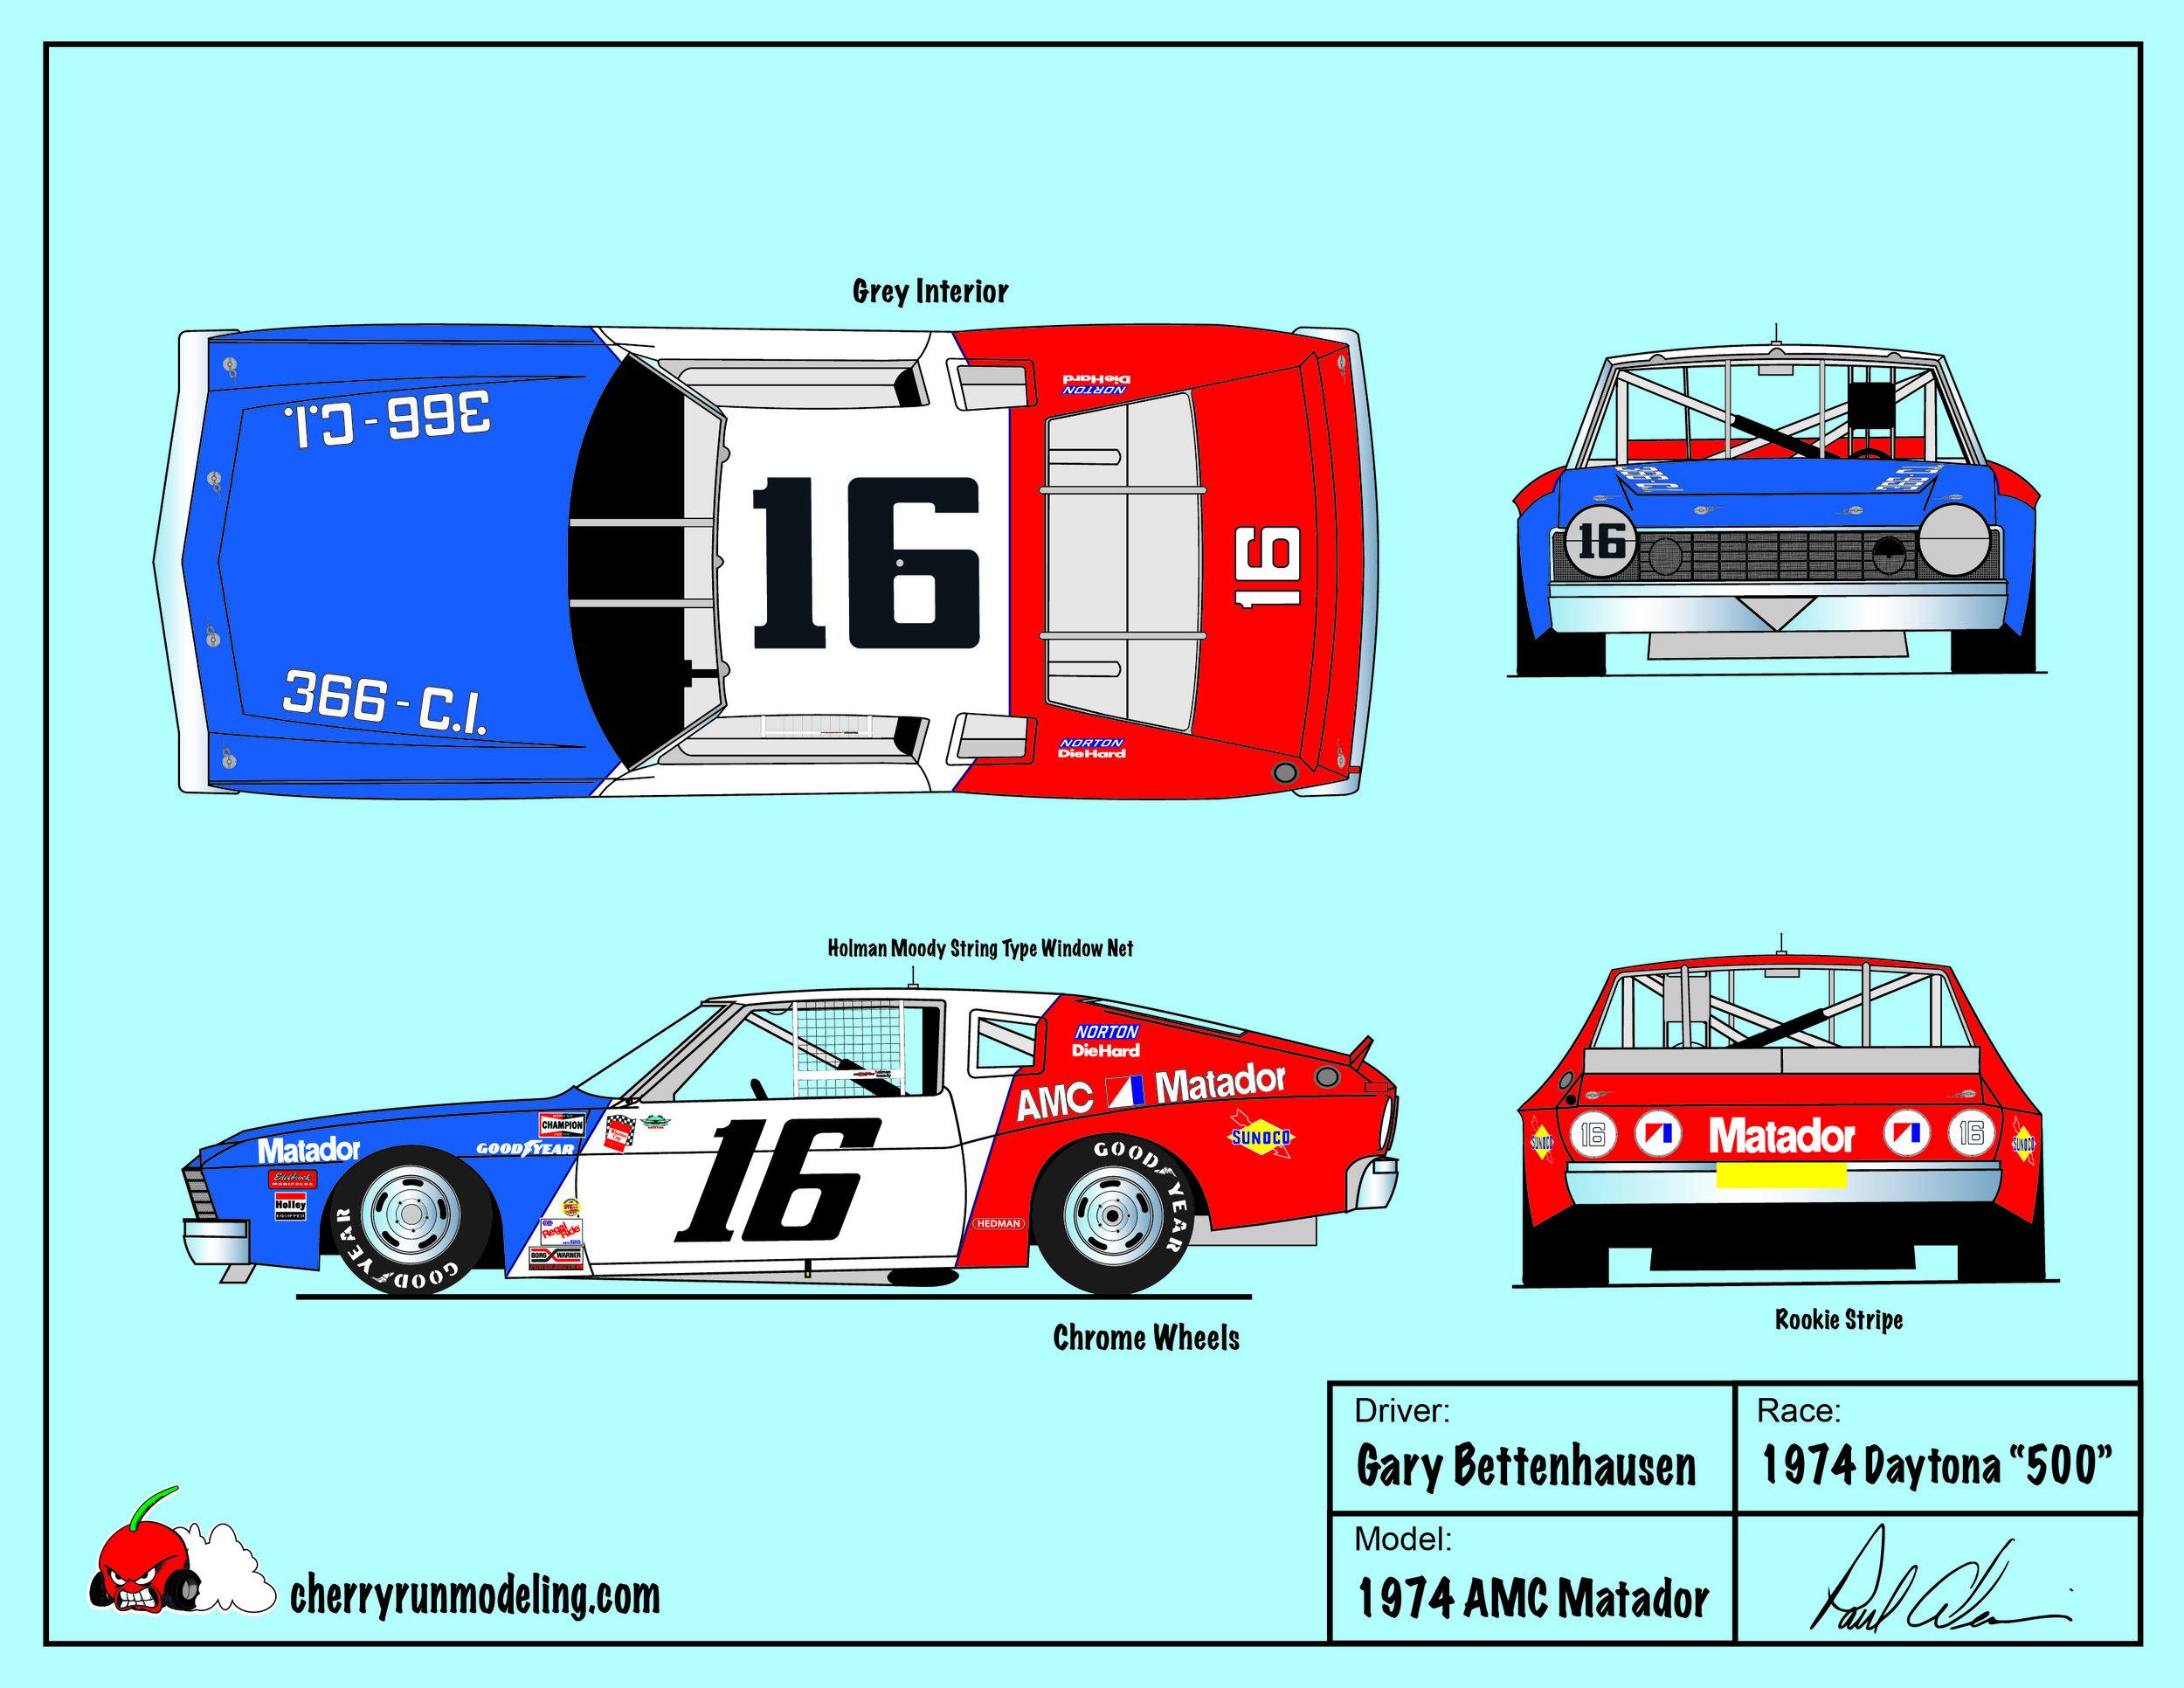 Gary Bettenhausen 1974 Daytona 500.jpg